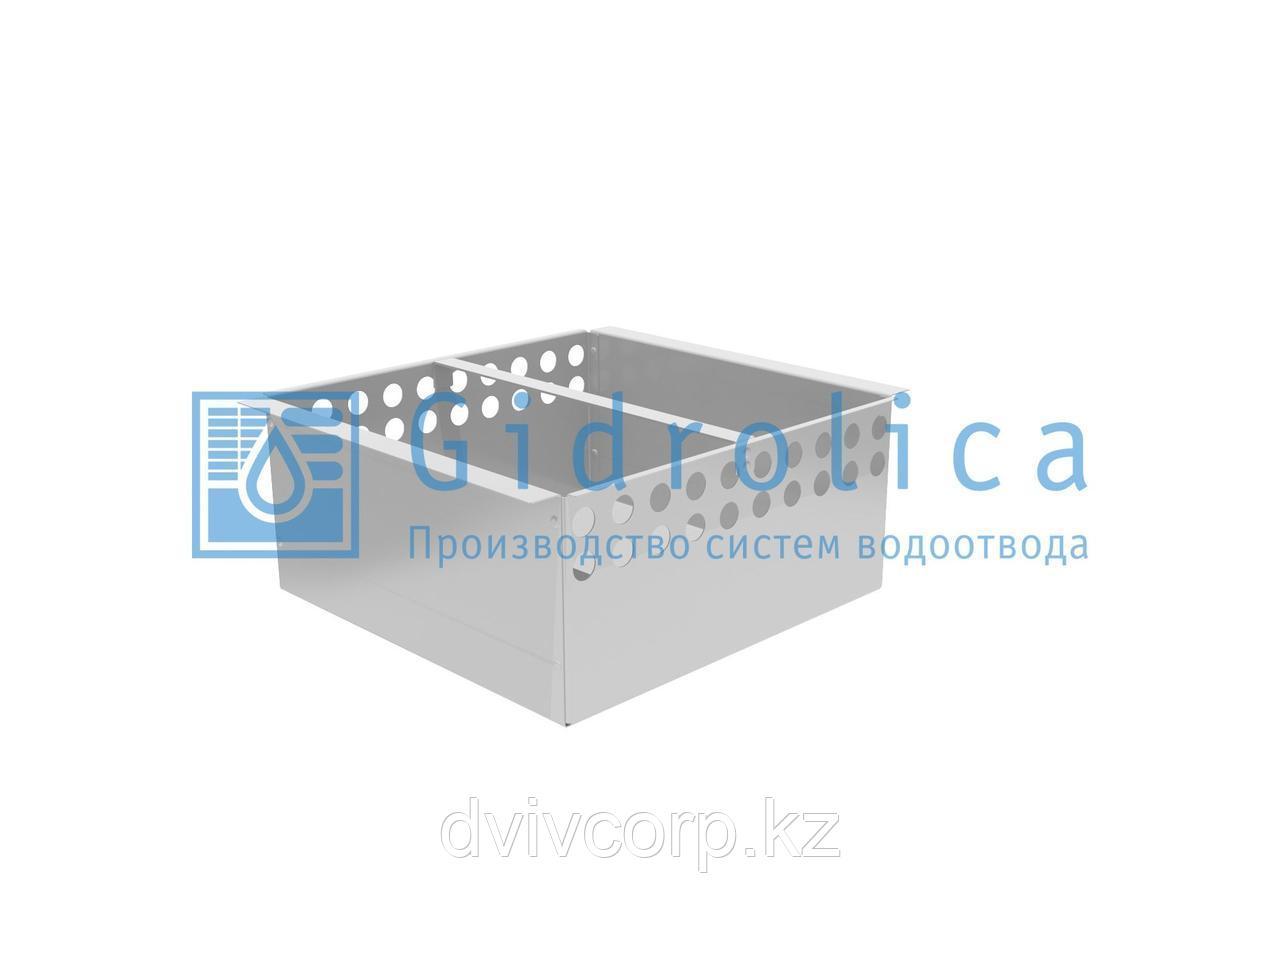 Корзина стальная универсальная для пескоулавливающего колодца (СО-400мм)Кпк 40 - 40.36,5.16,4